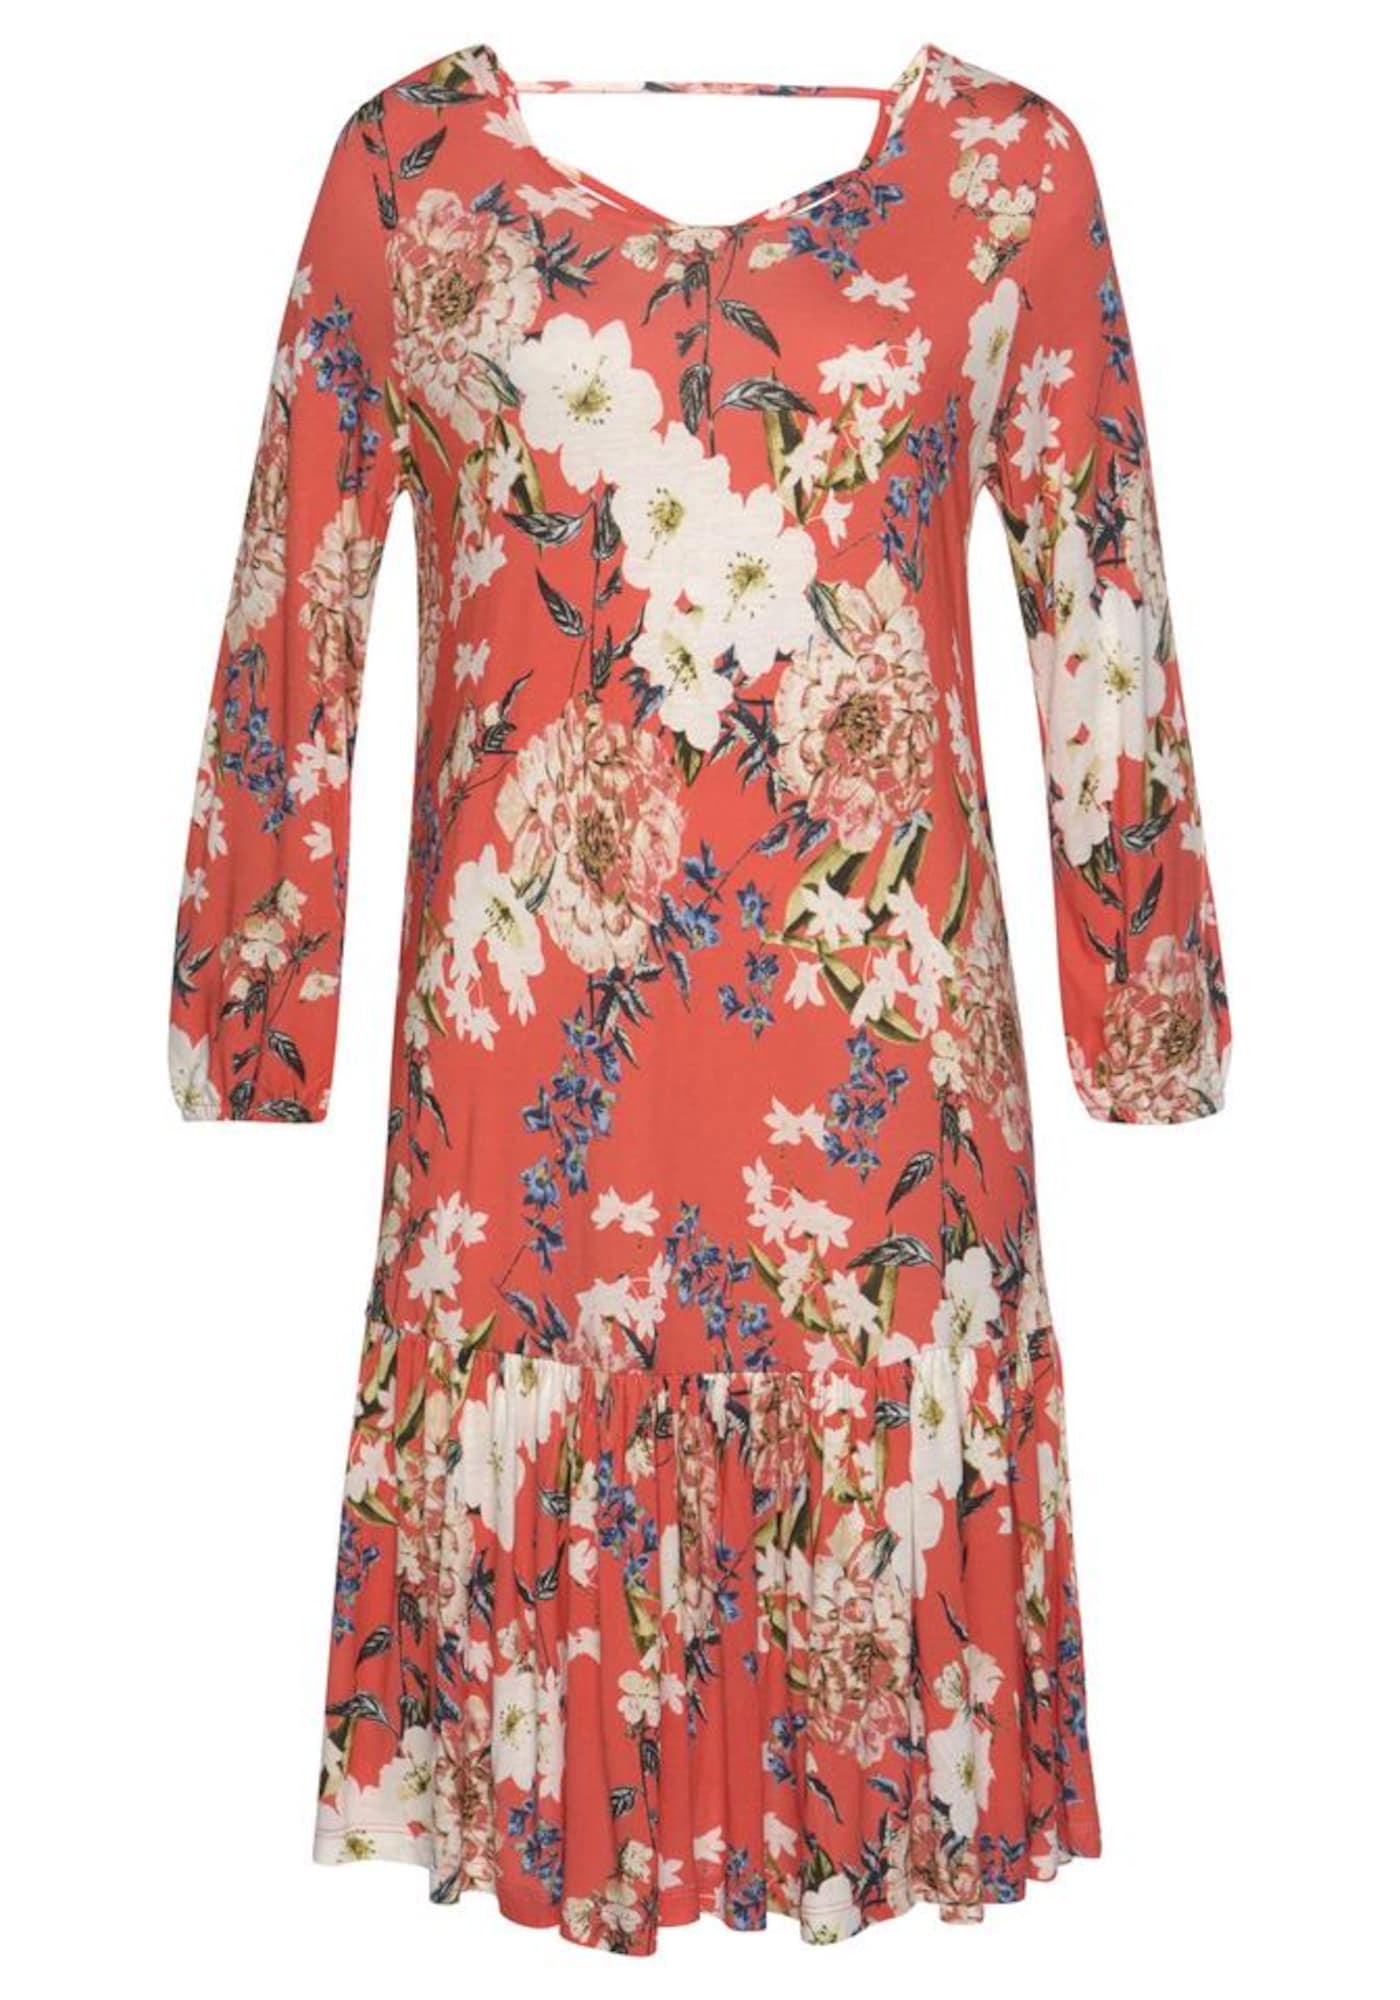 s.Oliver Paplūdimio suknelė koralų splava / rožių spalva